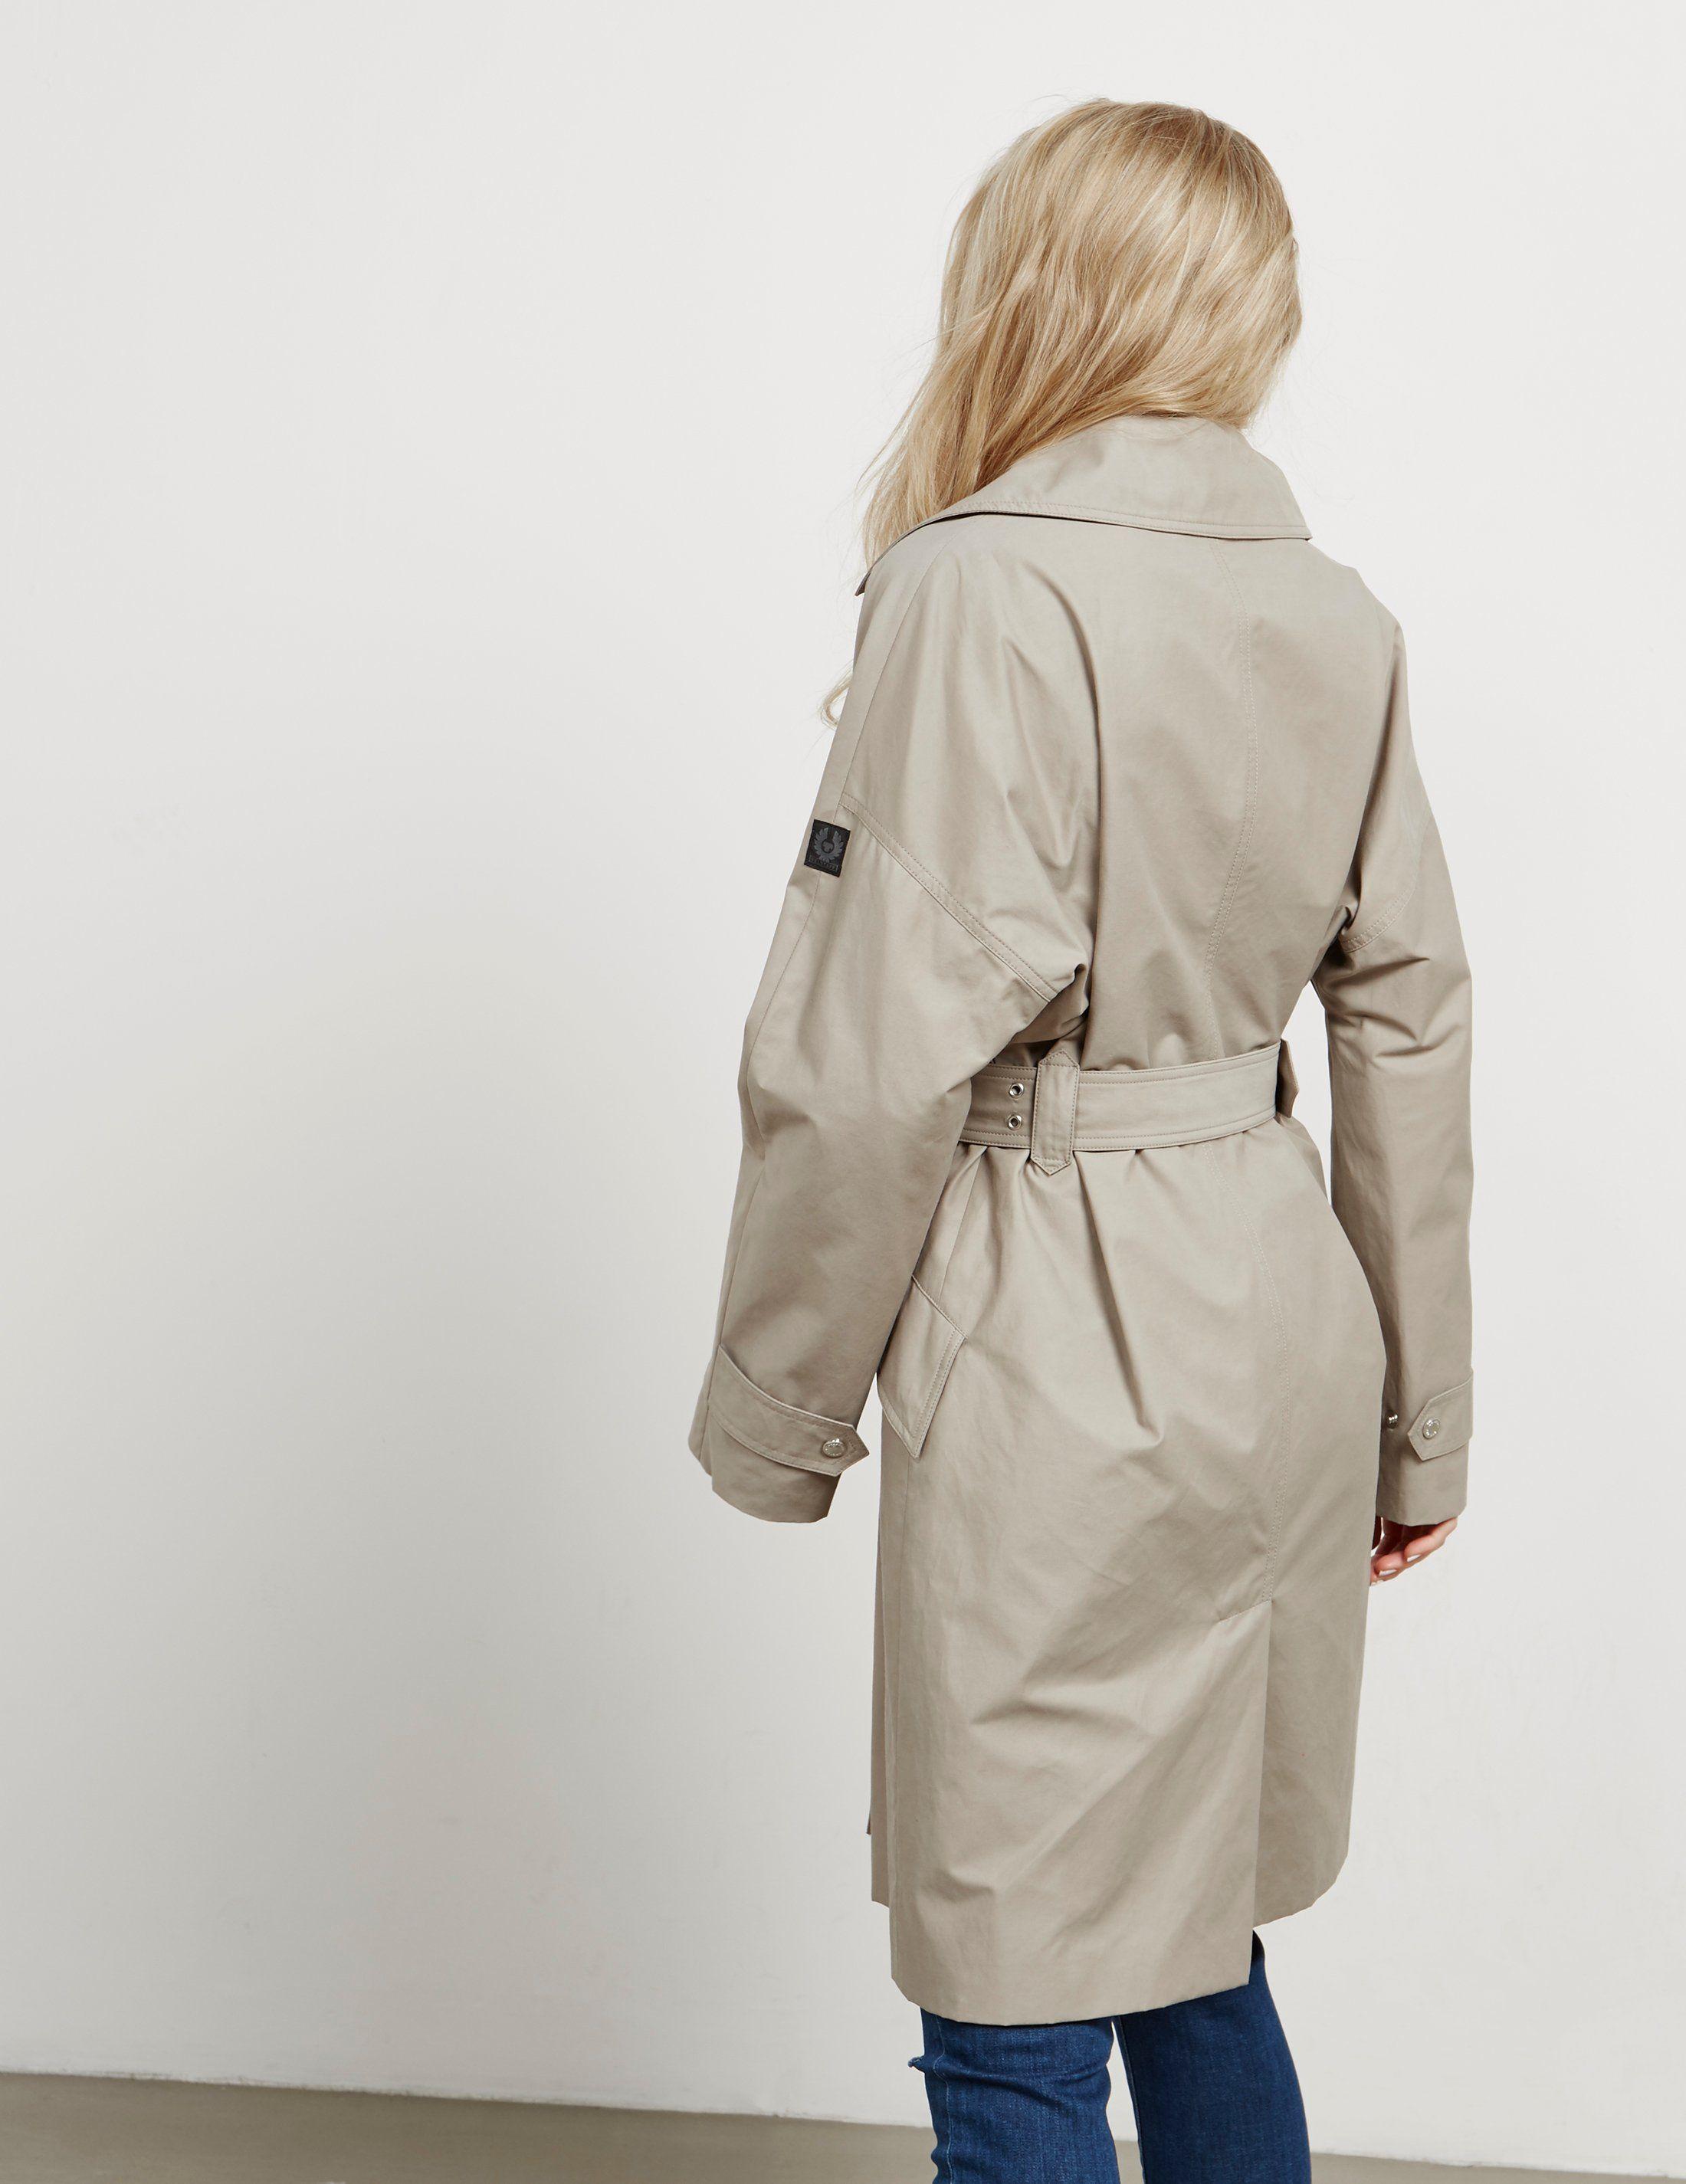 Belstaff Tailworth Mac Jacket